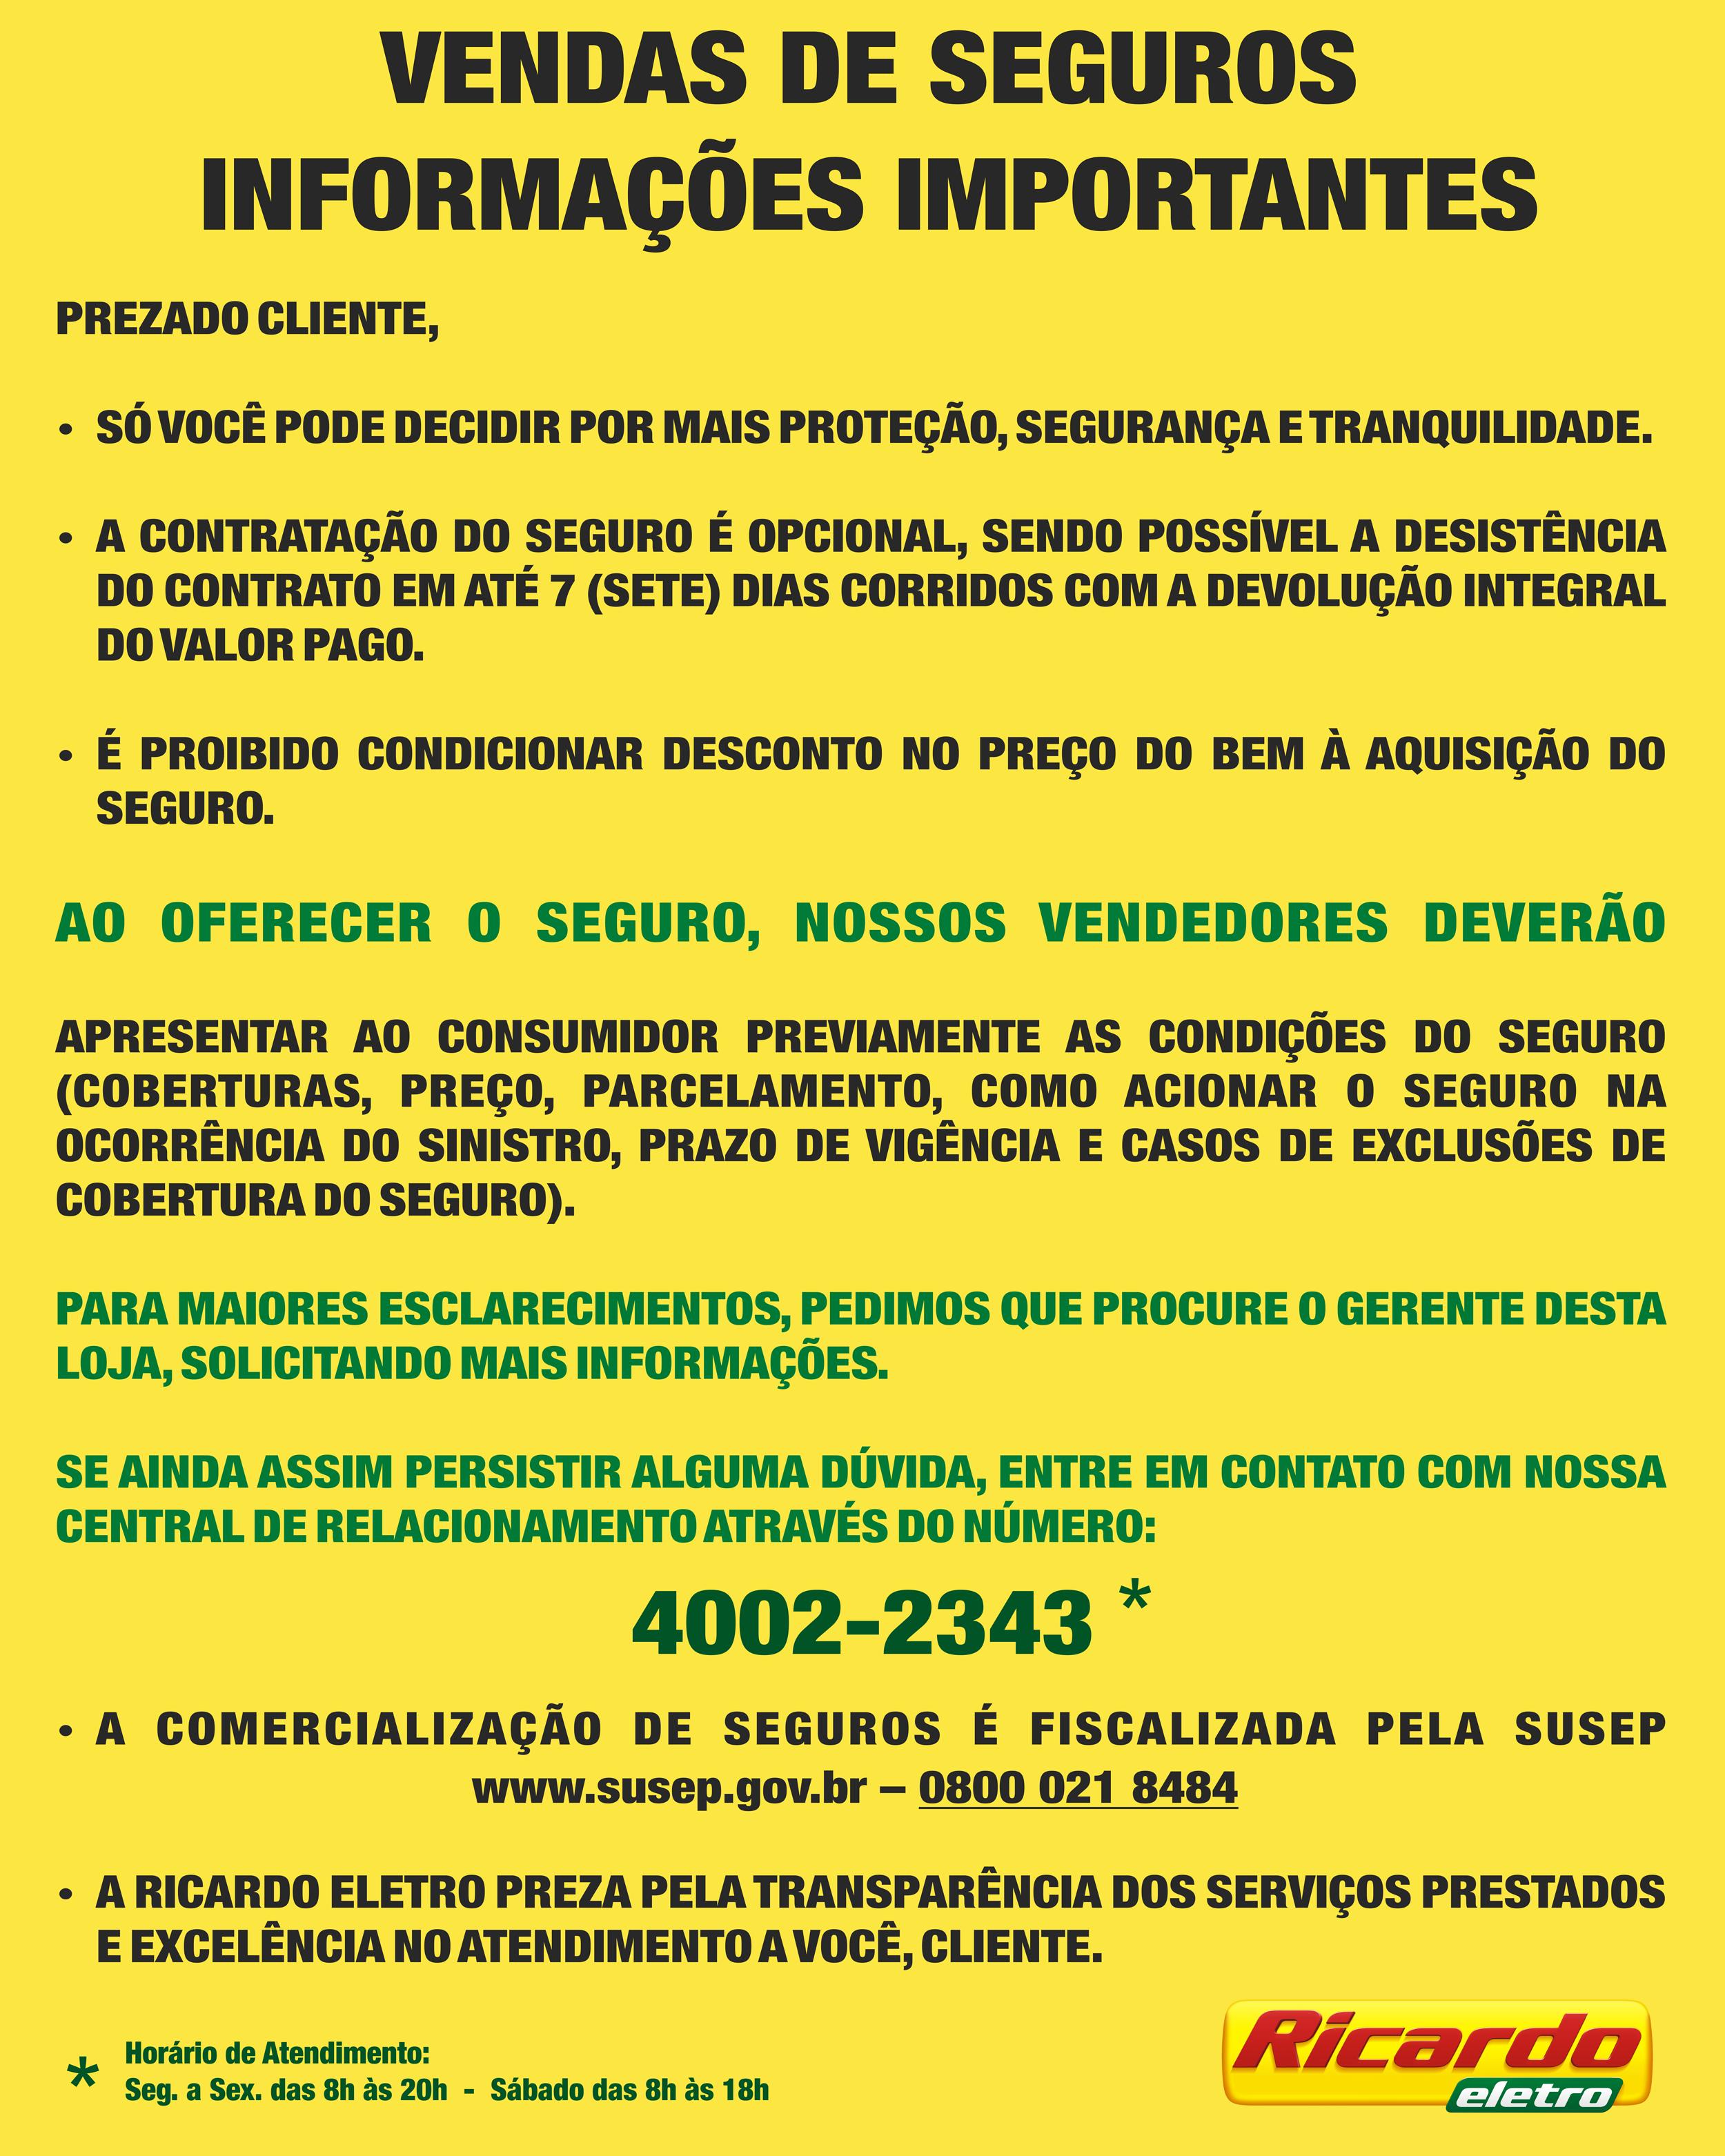 Cartaz com Informações Importantes Sobre Seguros, para o cliente do Grupo Máquina de Vendas (Ricardo Eletro - Insinuante - City Lar - Eletro Shopping - Salfer)